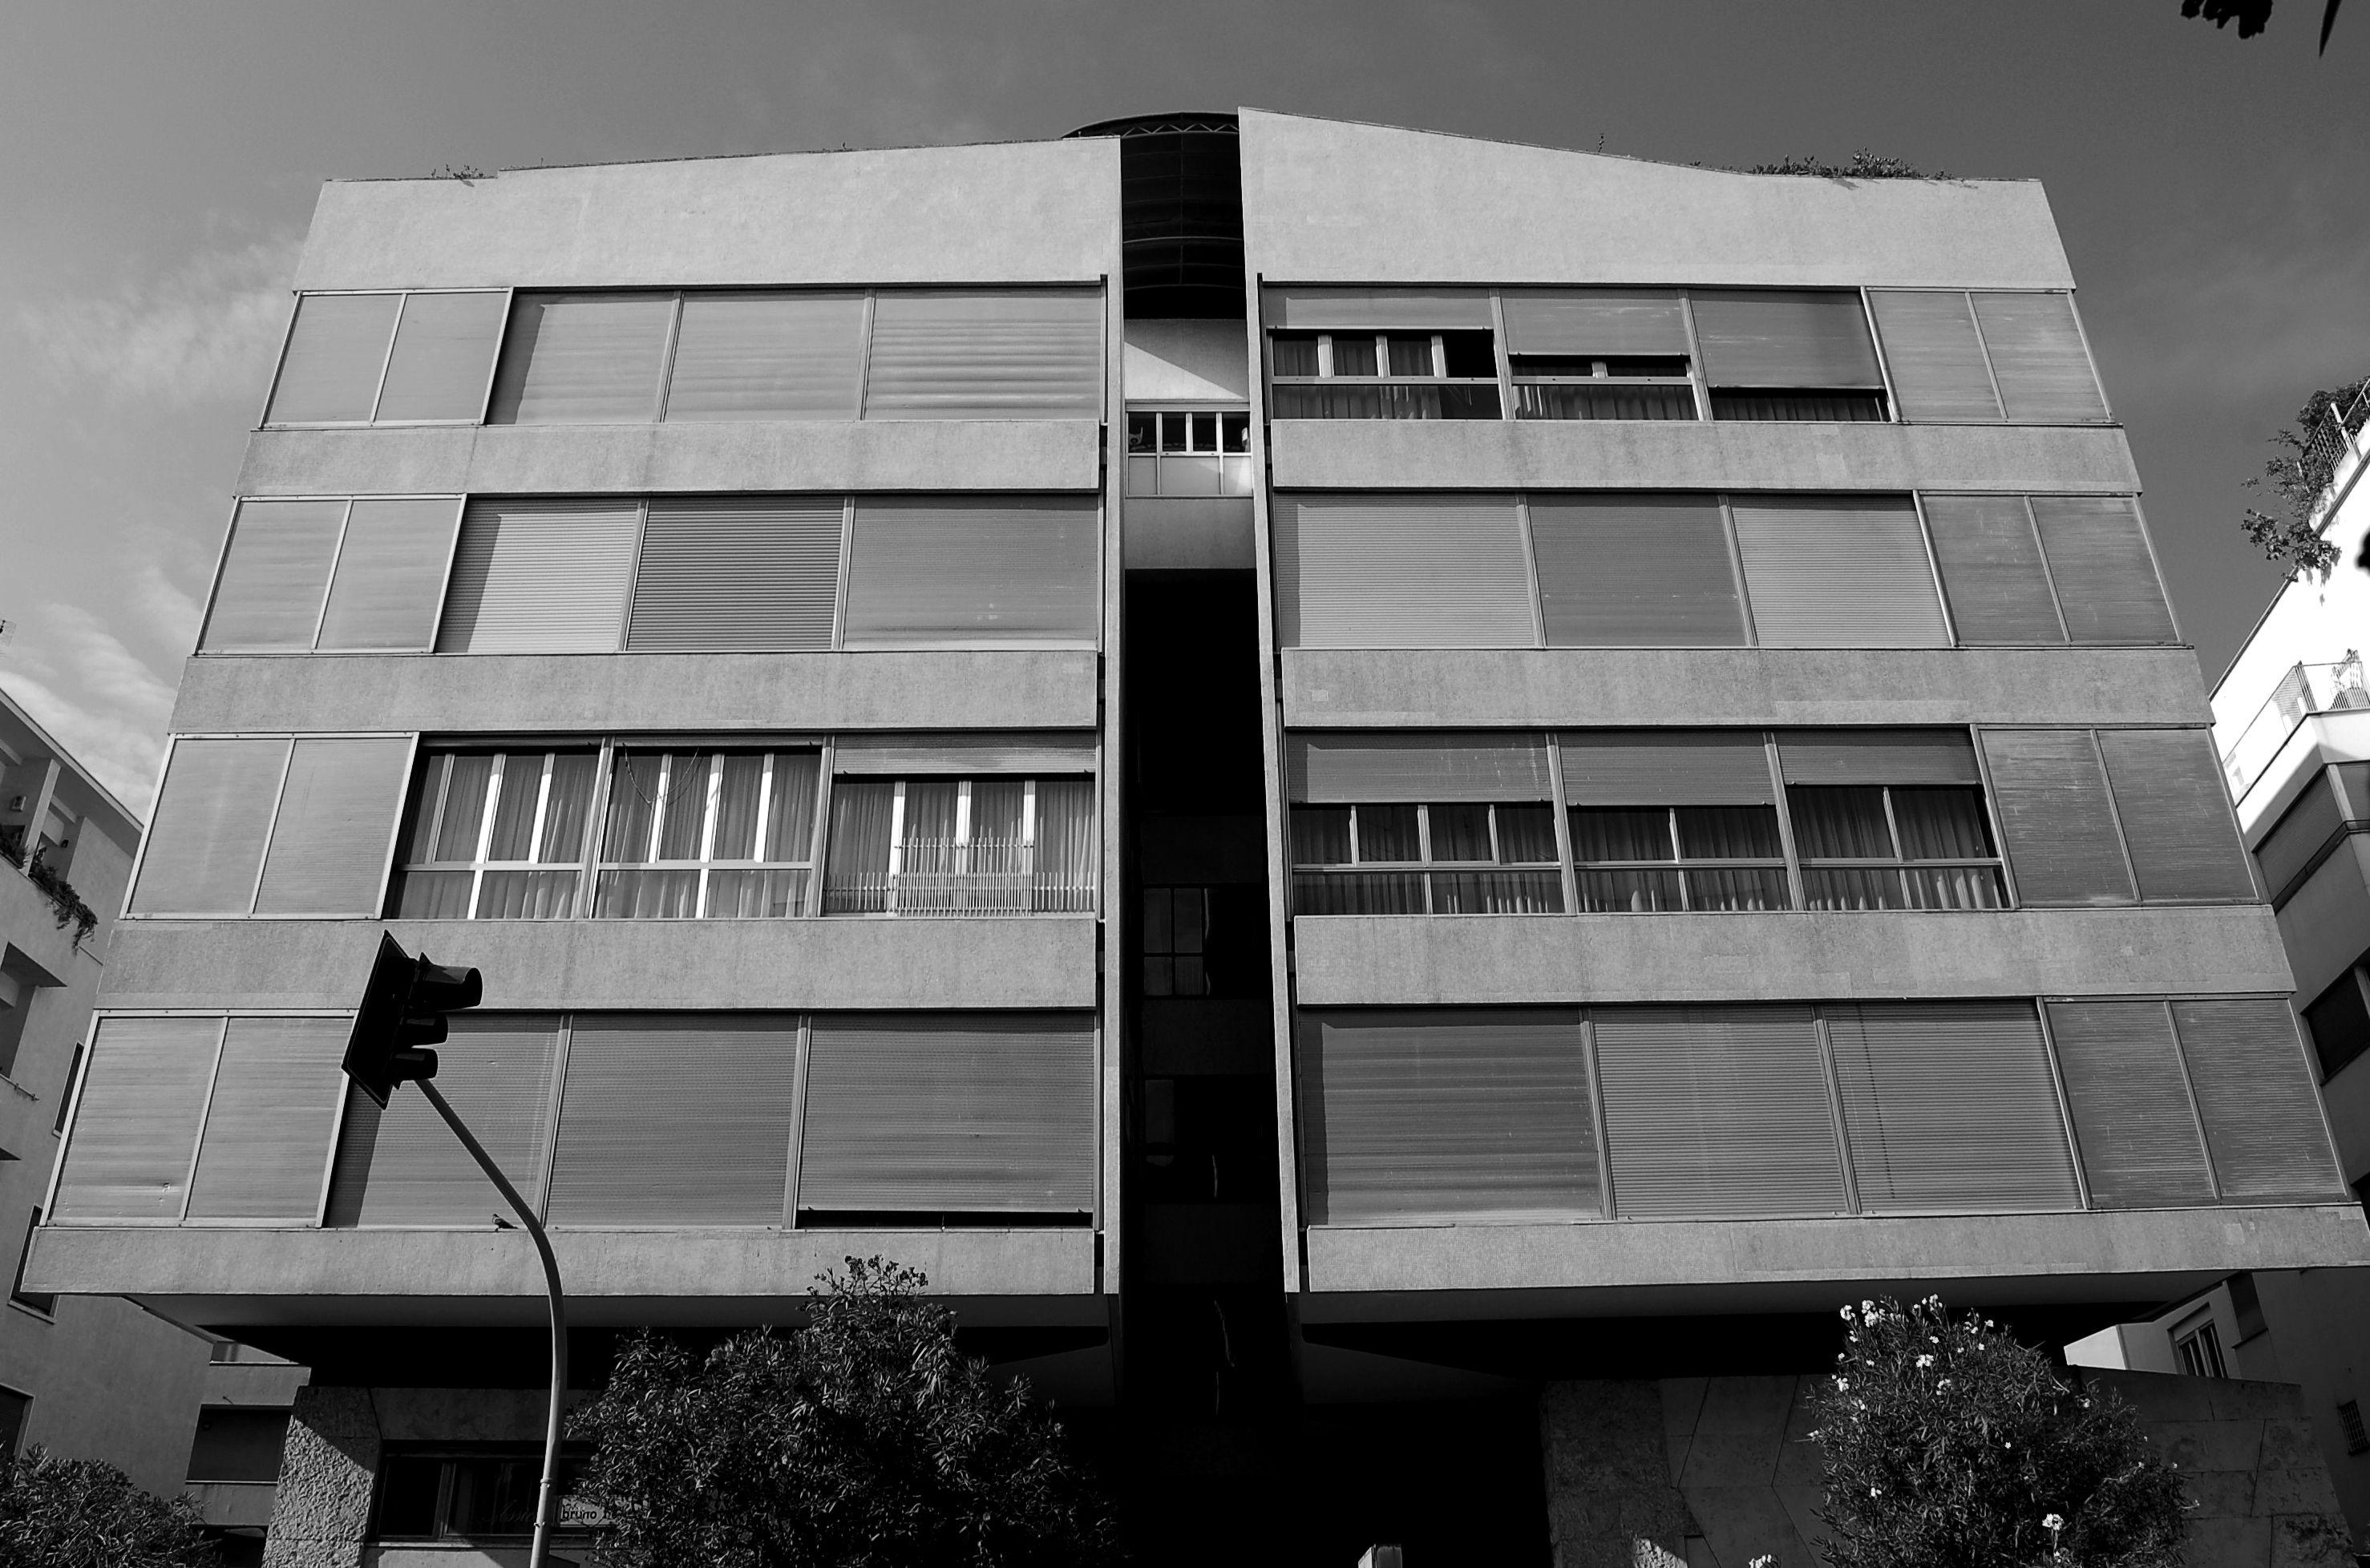 Luigi moretti casa girasole design luigi for Casa design roma